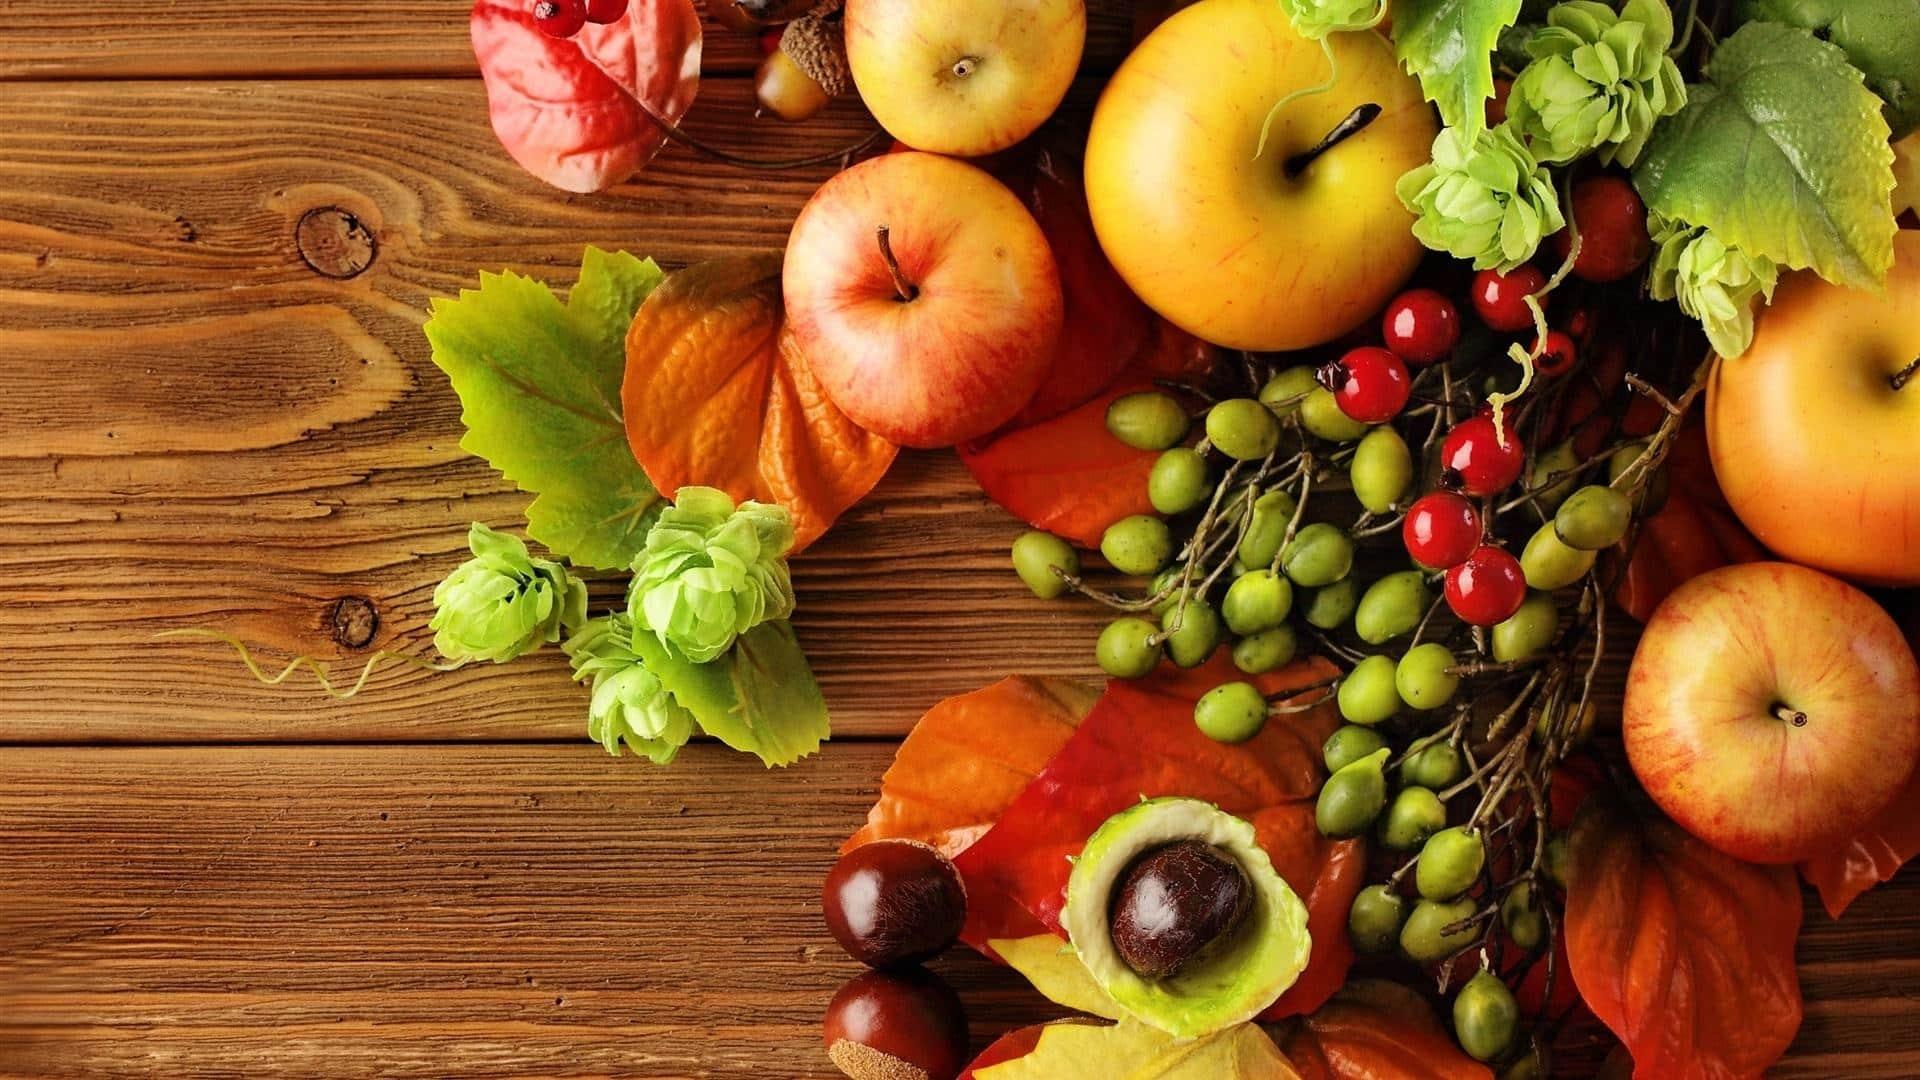 5 bước tự công bố thực phẩm sản xuất trong nước và nhập khẩu